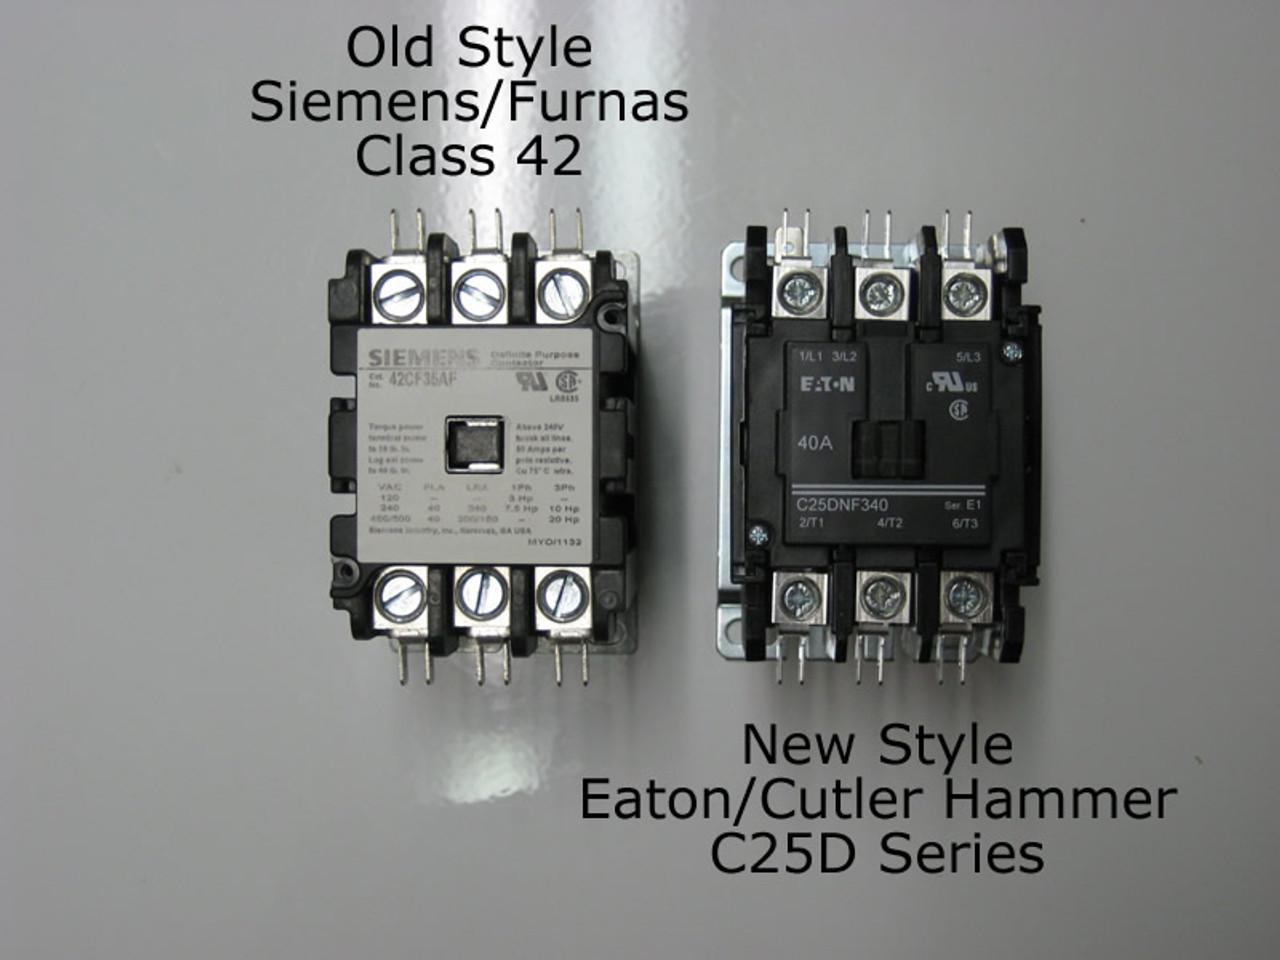 C25DND330